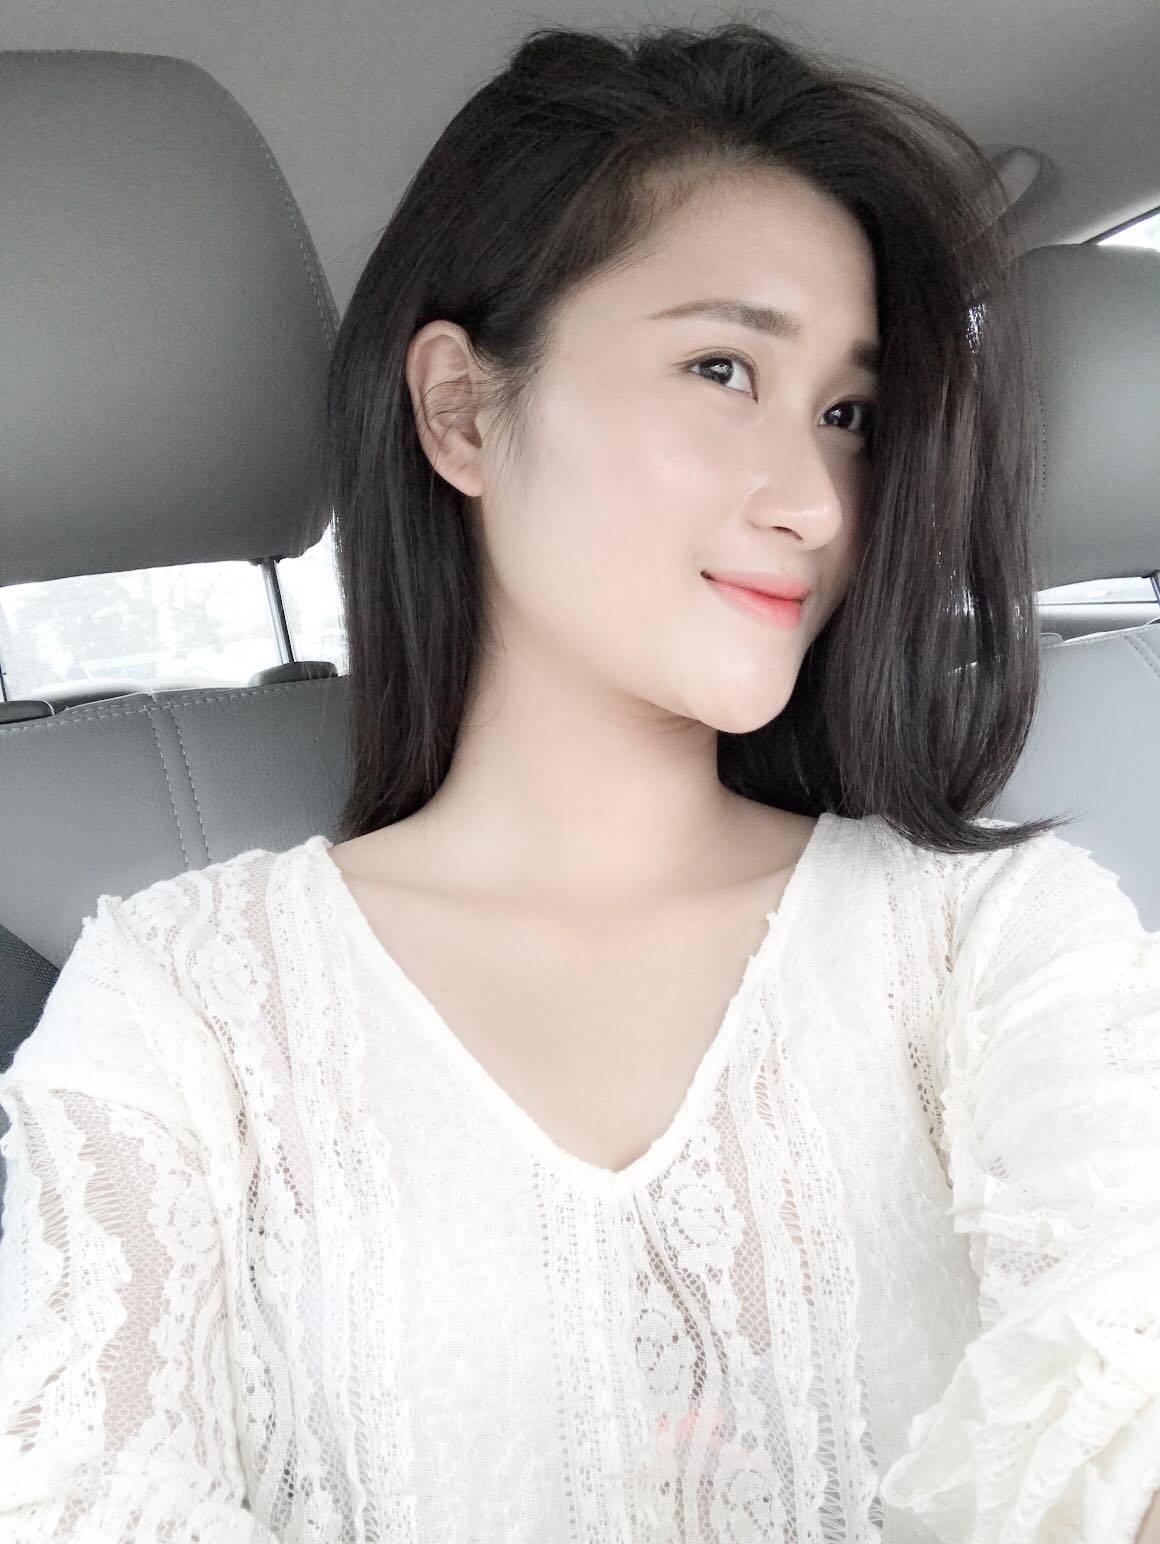 Chuyện tình 'cọc đi tìm trâu' của tiền vệ Huy Hùng và hot girl đất Cảng